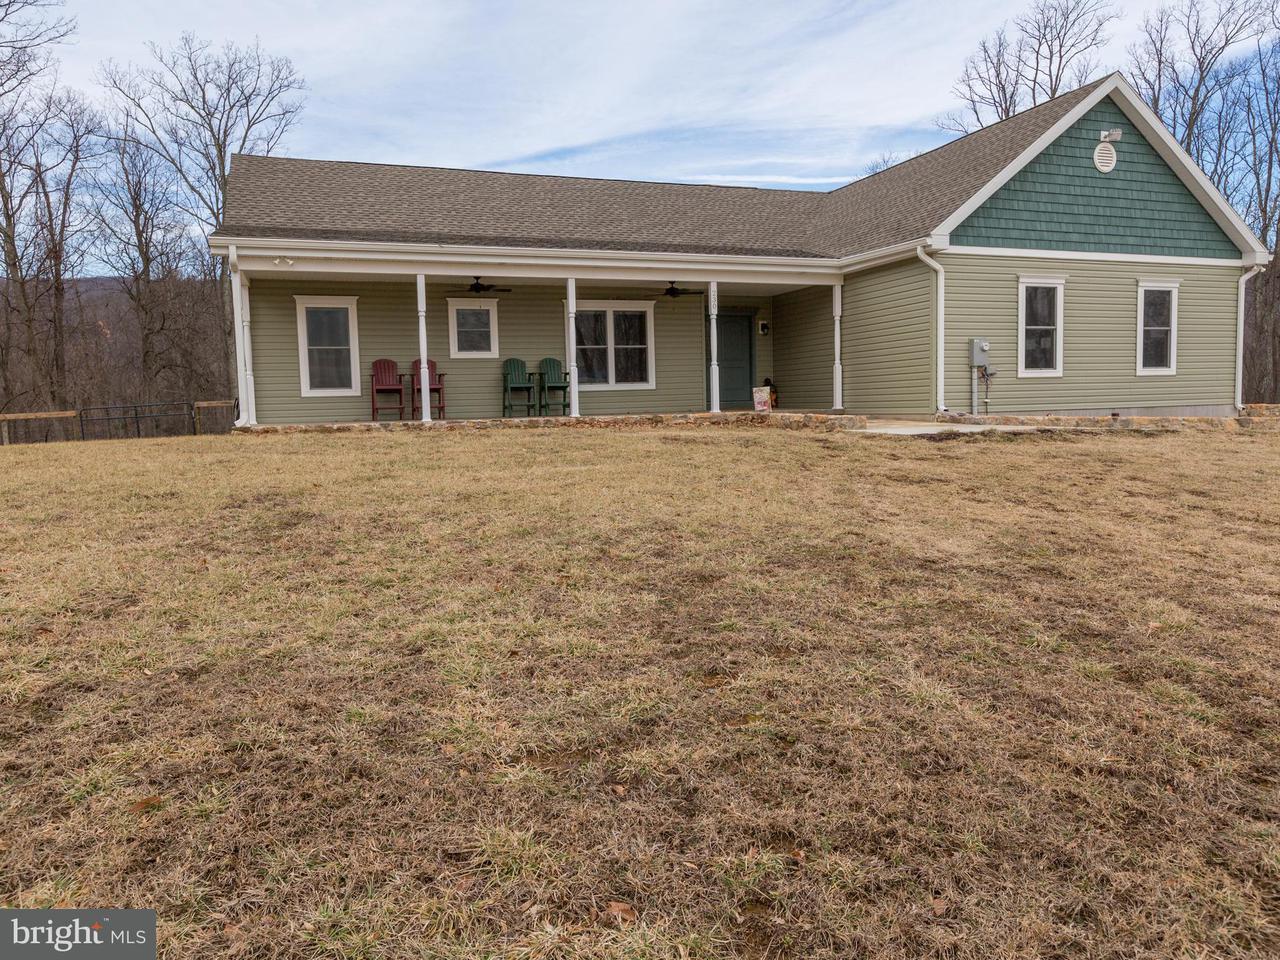 Частный односемейный дом для того Продажа на 230 Oates Road 230 Oates Road Star Tannery, Виргиния 22654 Соединенные Штаты